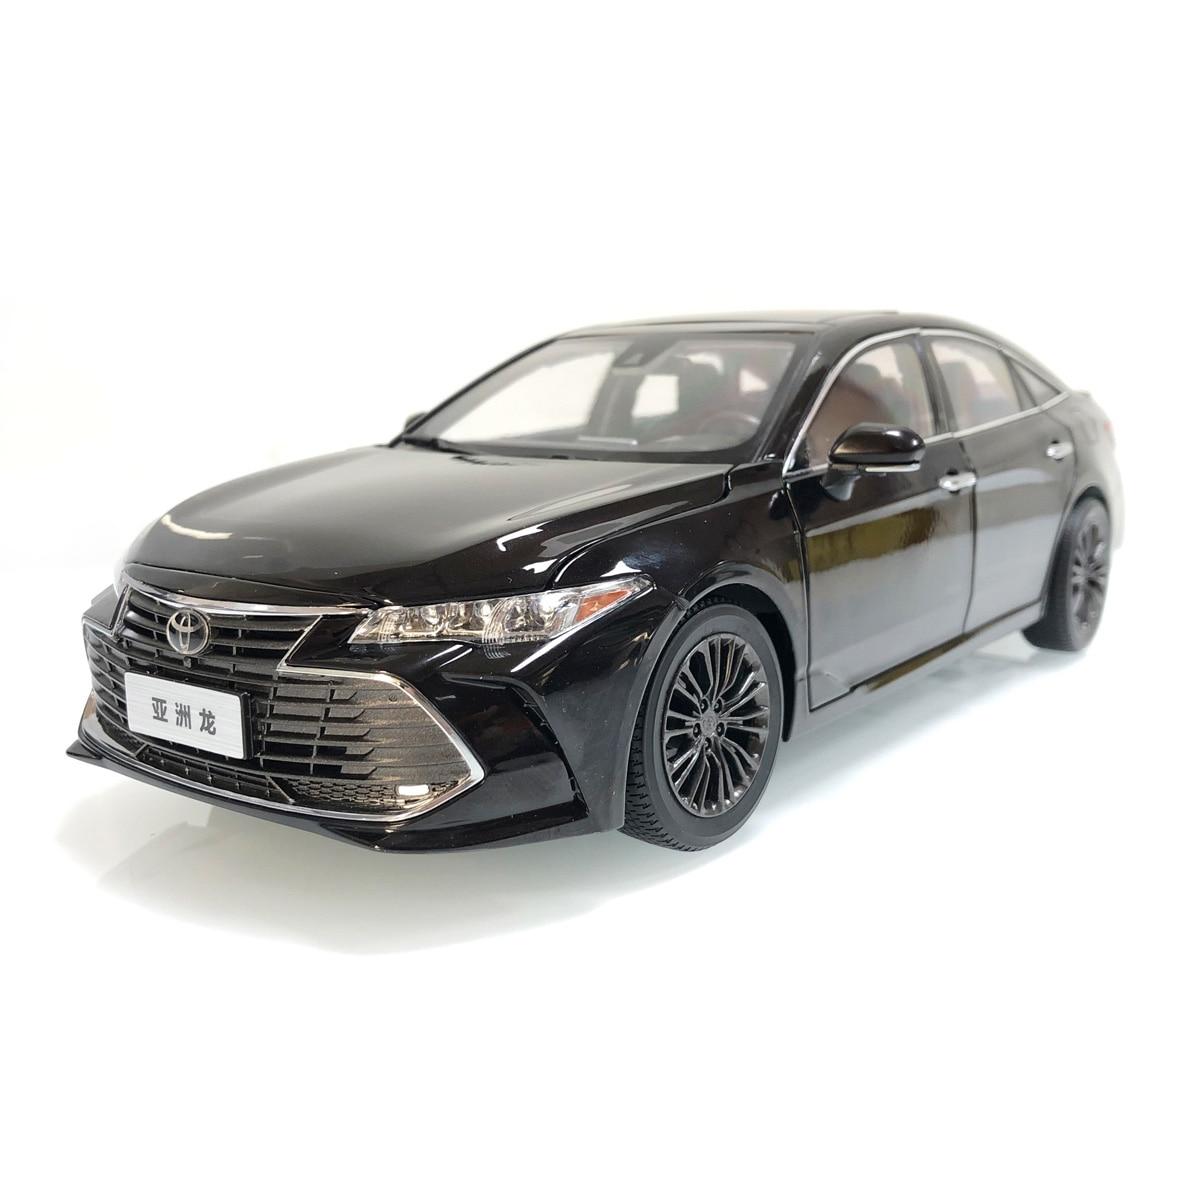 118 modelo fundido a presión para Toyota Avalon 2019 sedán marrón aleación juguete colección de coches en miniatura regalo